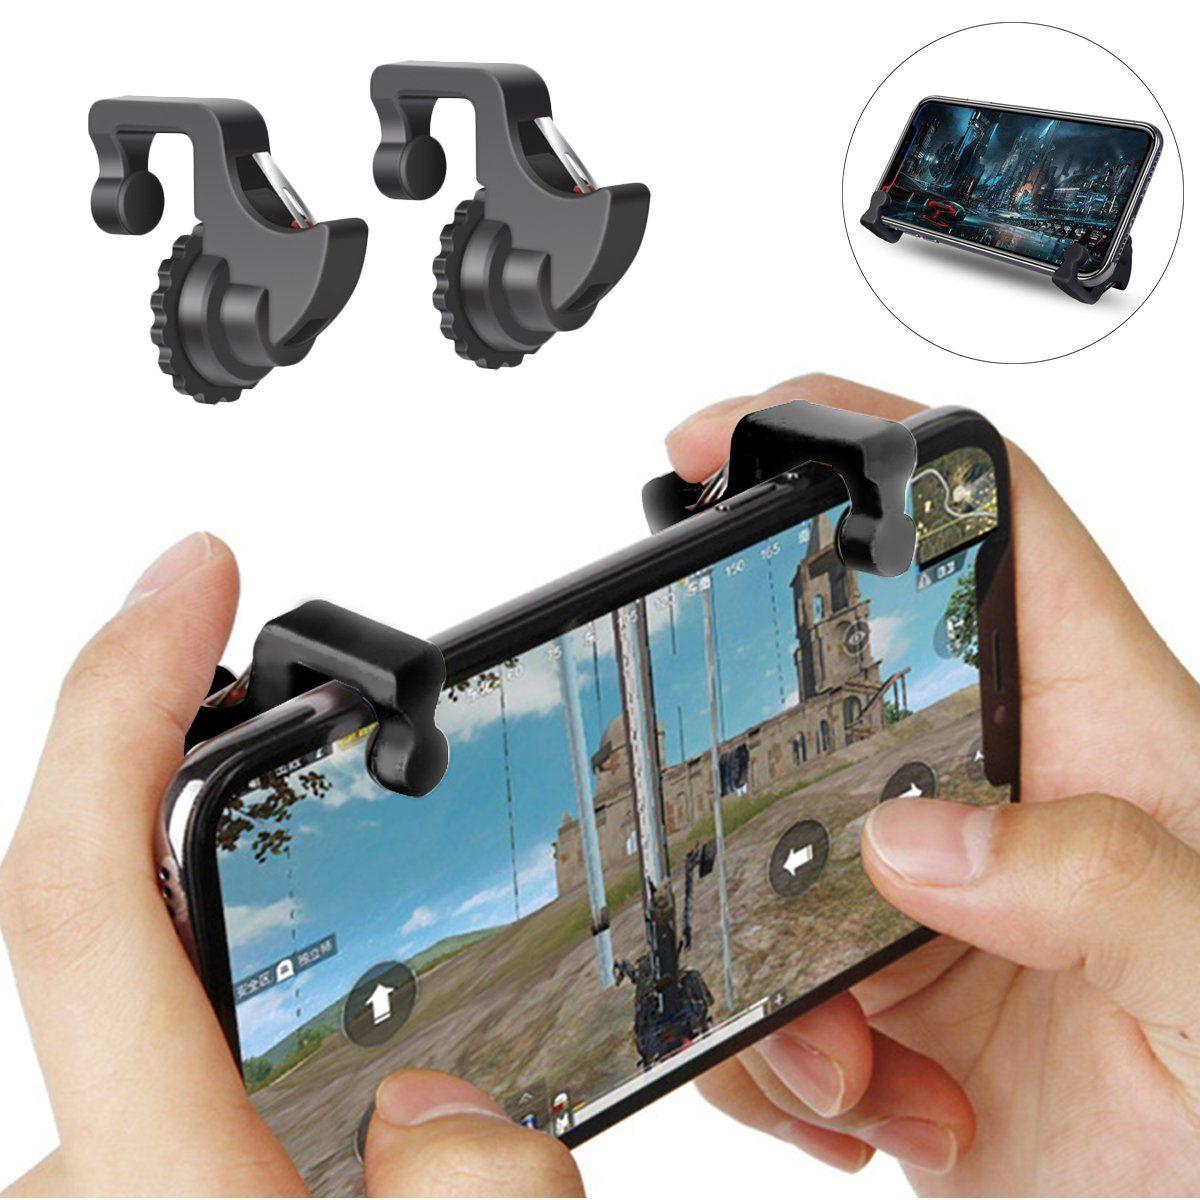 Amazon in: Buy mStick pubg Gaming Joystick for Smart Phones